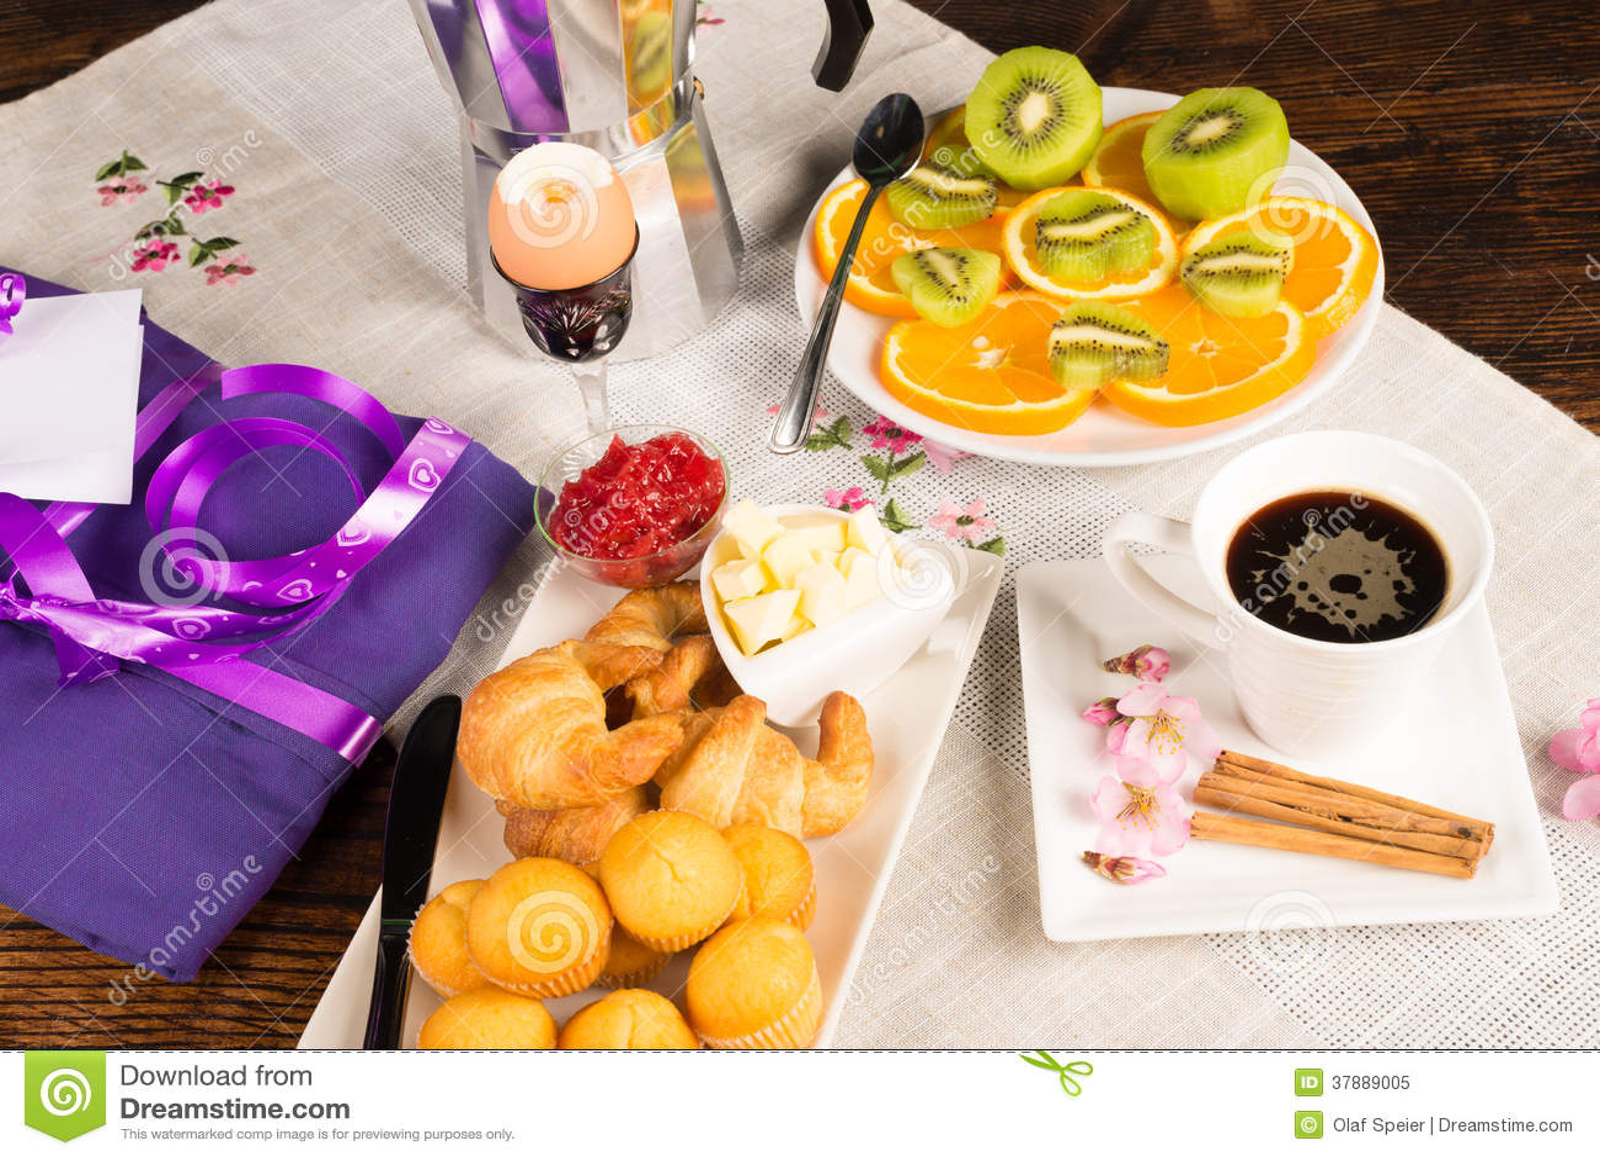 Het ontbijt van de vadersdag